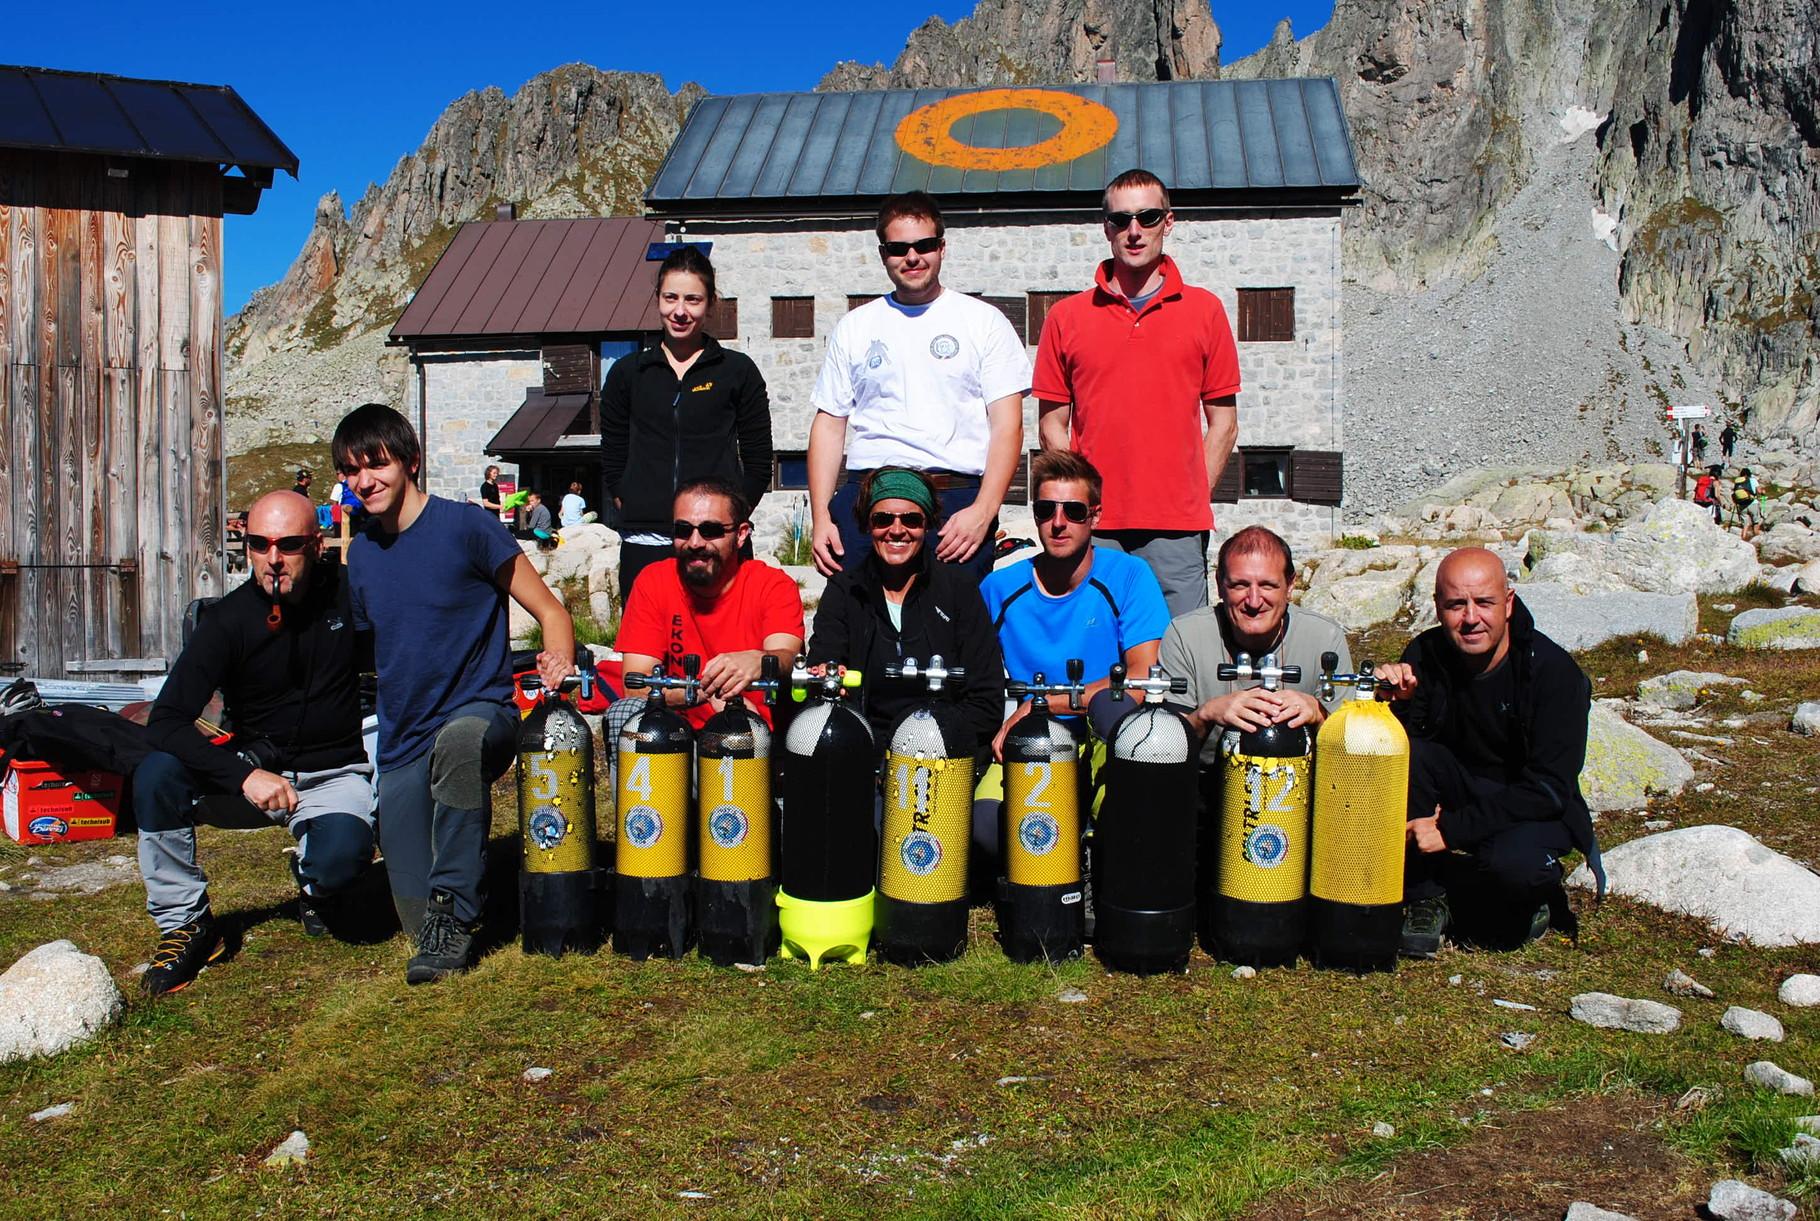 Foto di gruppo con le bombole